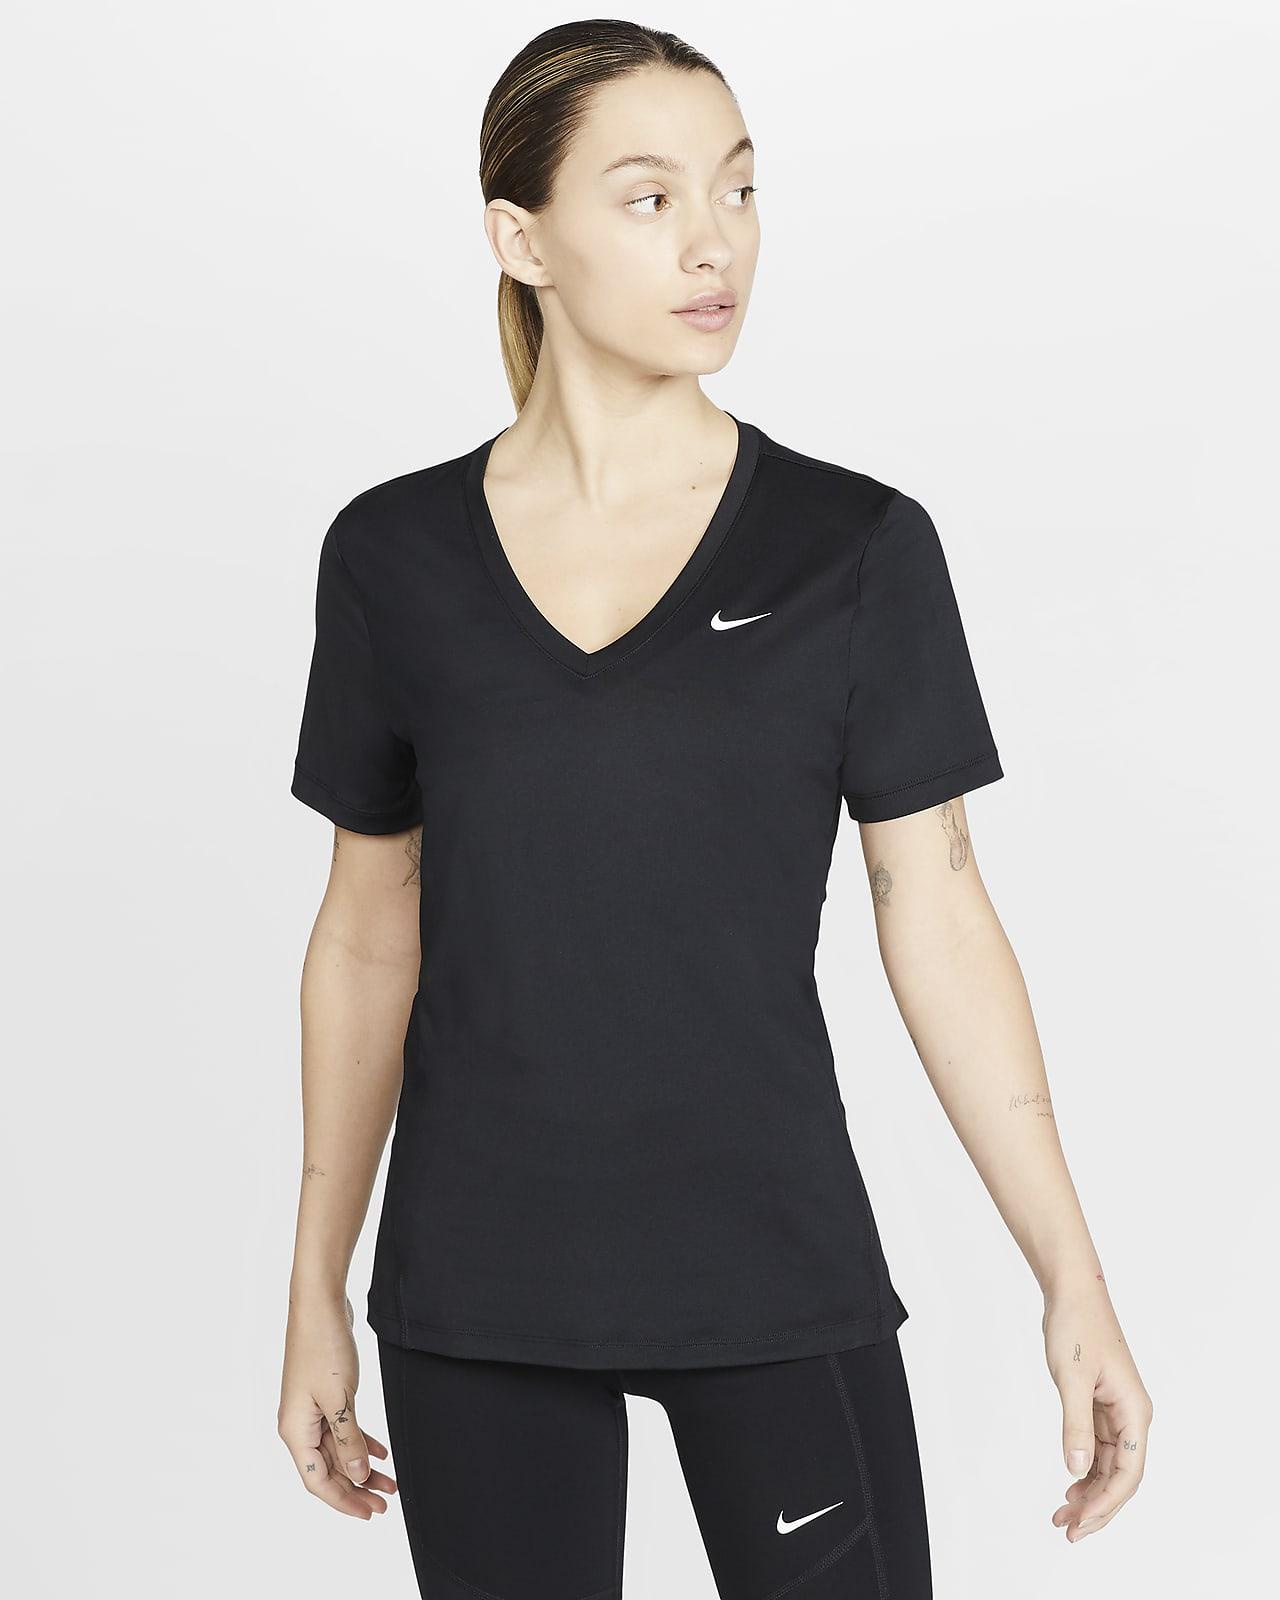 Nike Victory Kısa Kollu Kadın Antrenman Üstü